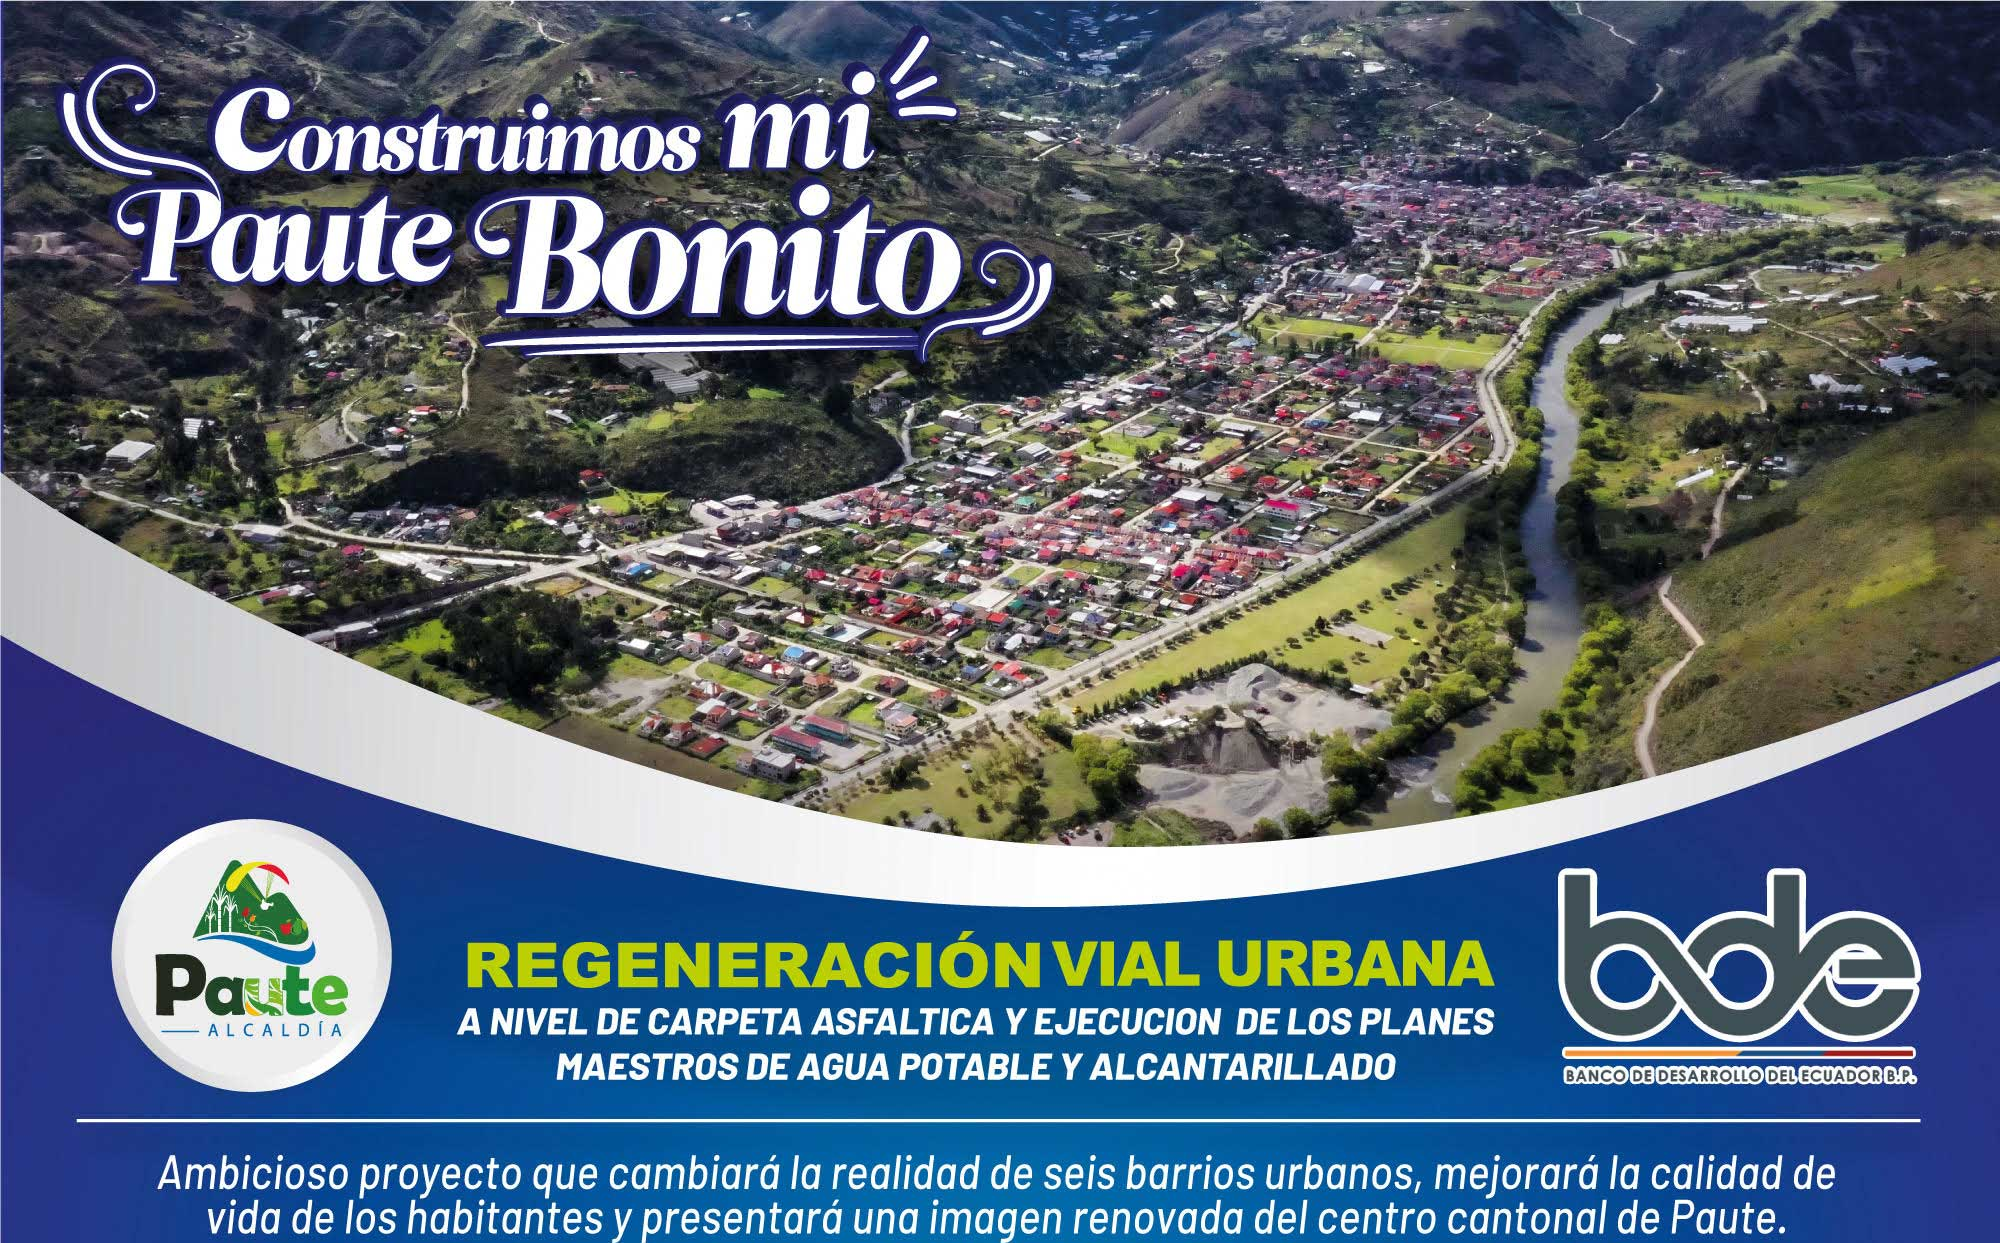 ARRANCÓ LA REGENERACIÓN URBANA DE PAUTE